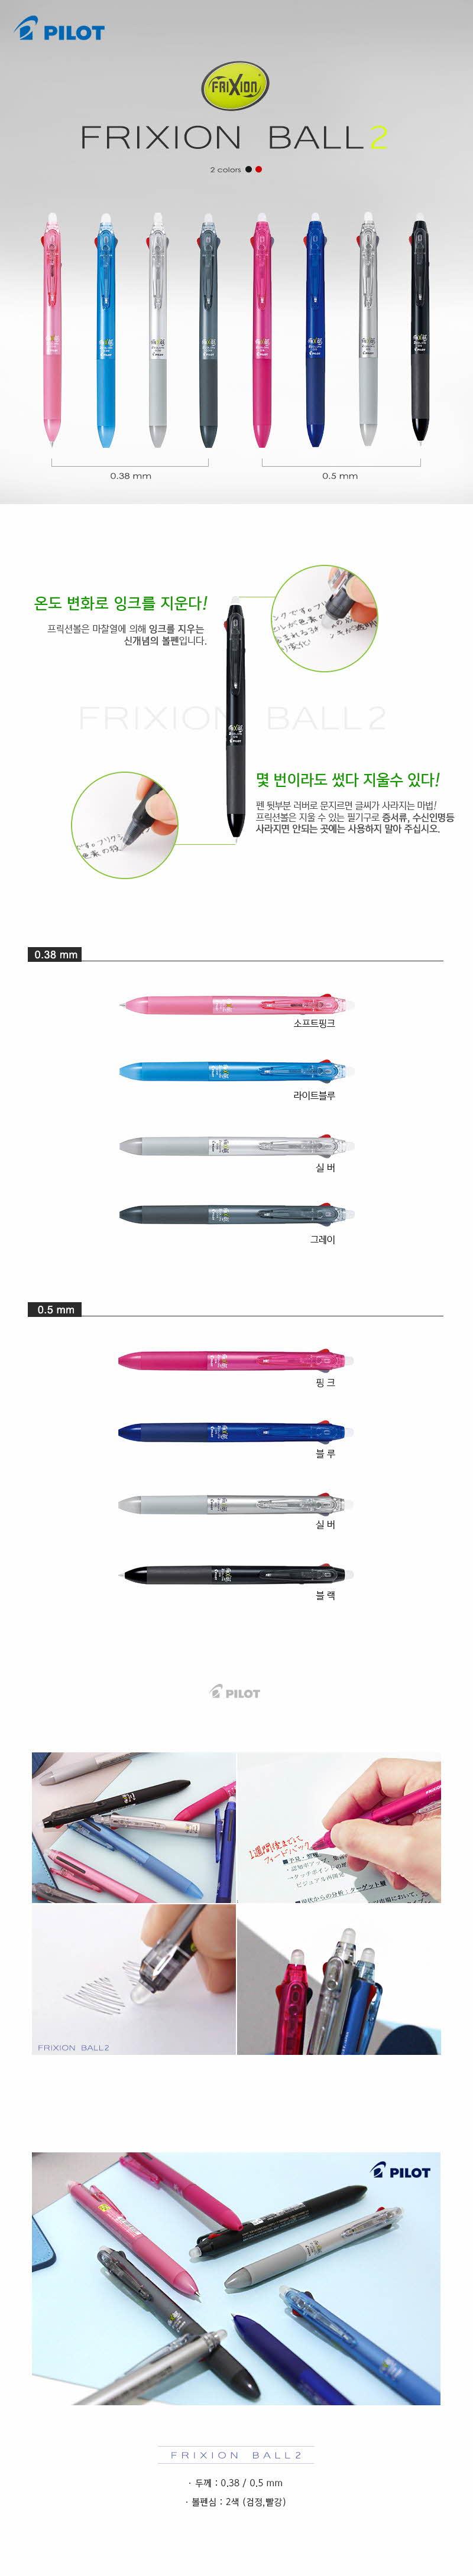 파이롯트 프릭션볼 2색 볼펜 0.38mm 0.5mm 젤 잉크펜 지워지는 볼펜 - 펜스테이션, 8,000원, 볼펜, 멀티색상 볼펜